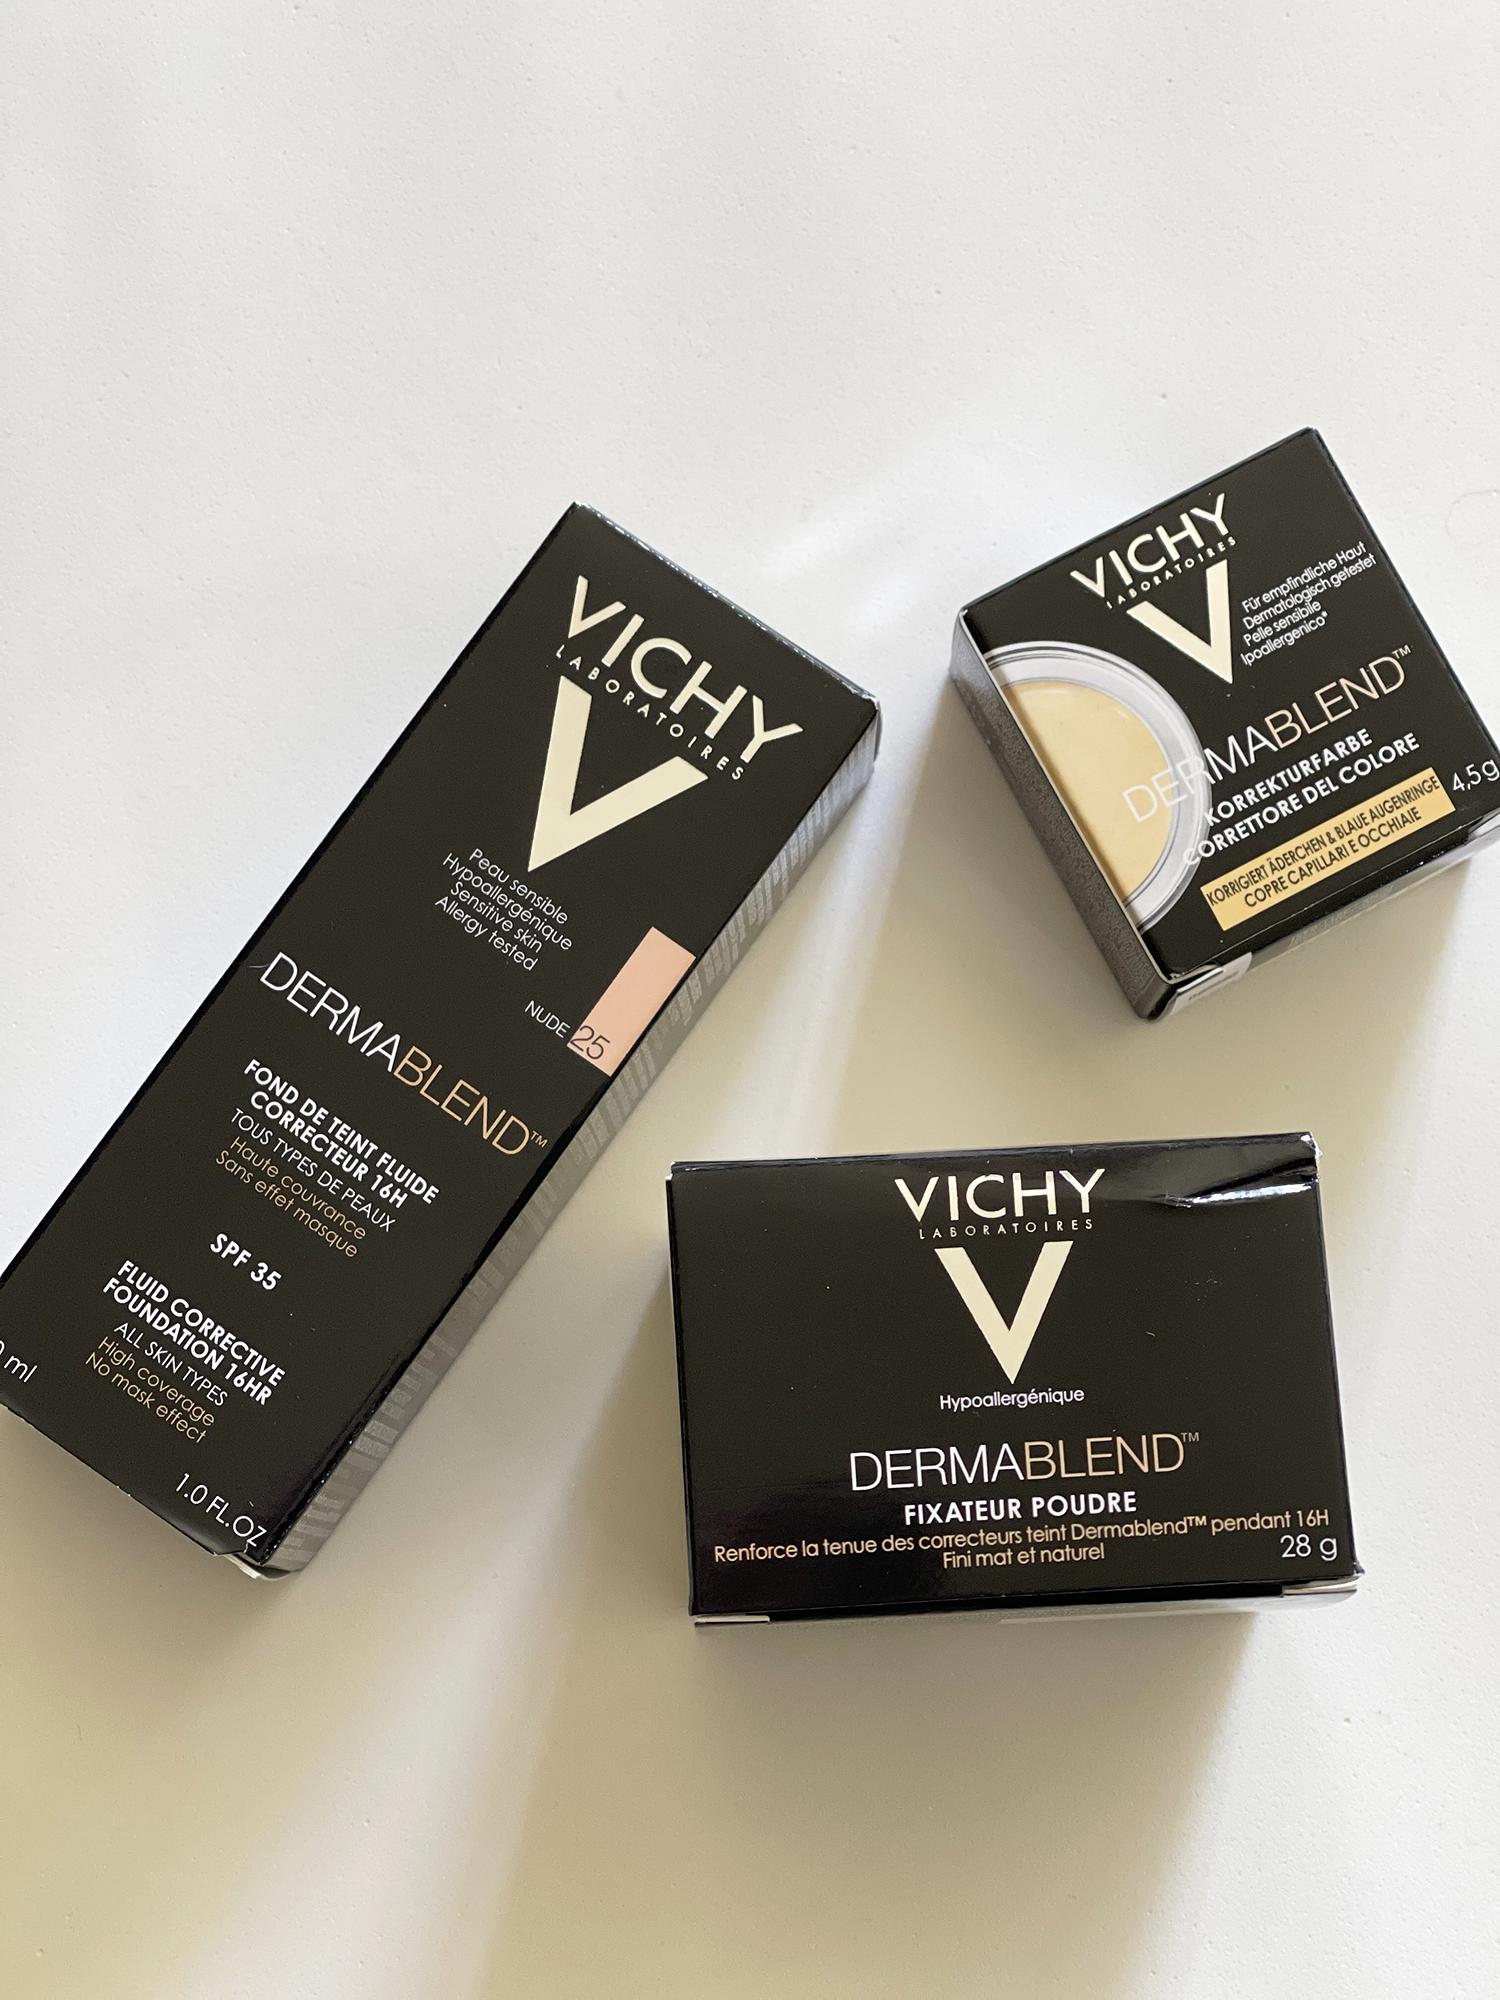 Dermablend Vichy prodotti makeup